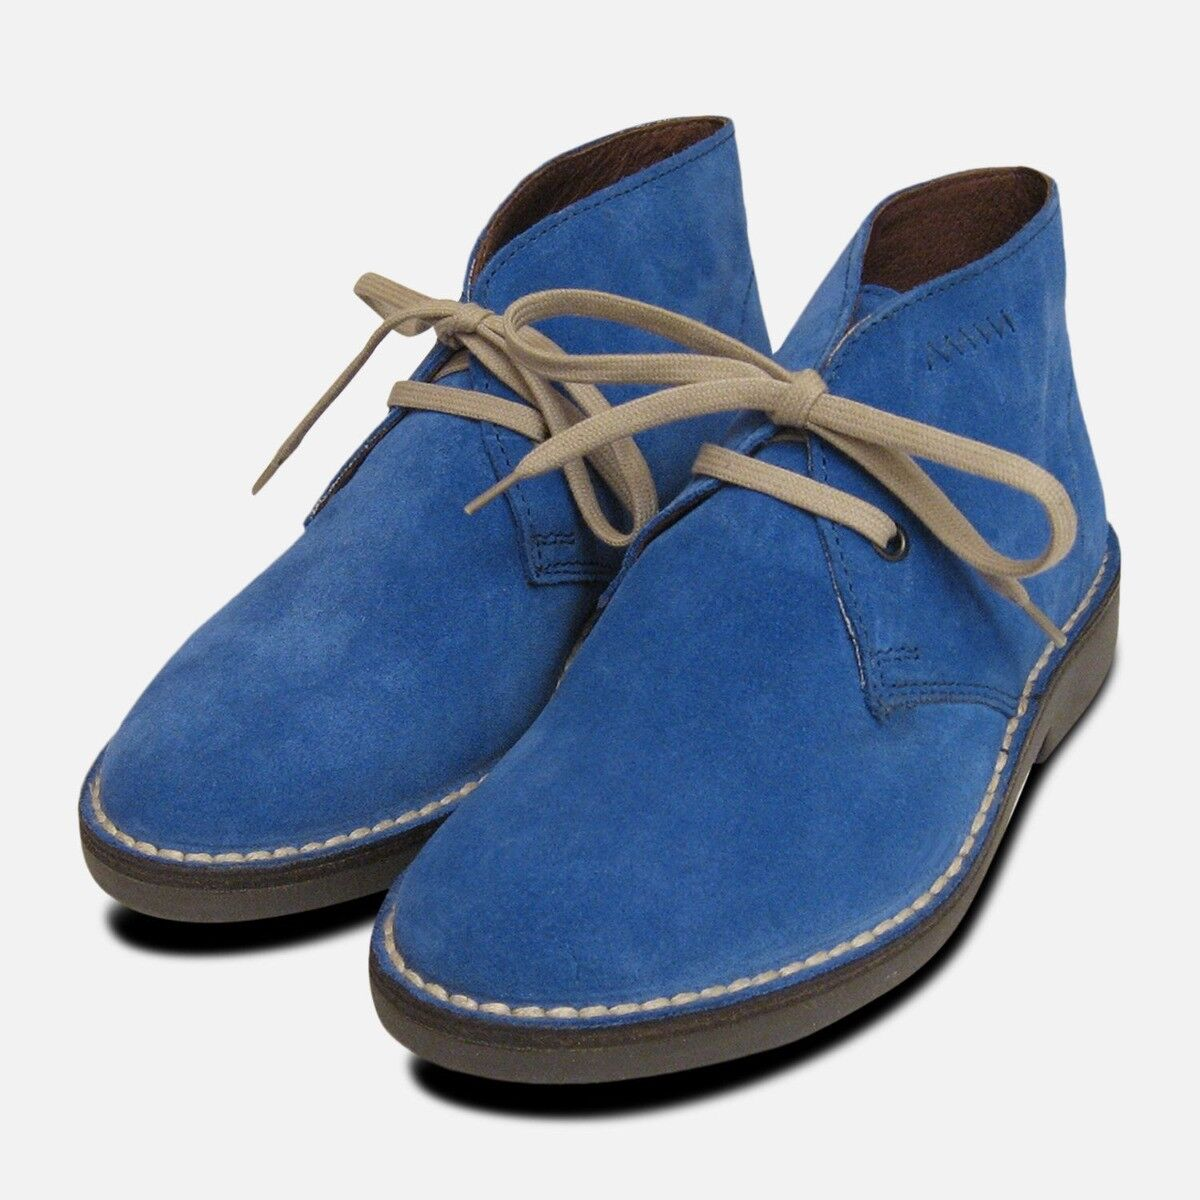 supporto al dettaglio all'ingrosso Donna Blu Pelle Scamosciata Italiana Arthur Knight Desert stivali stivali stivali  caldo